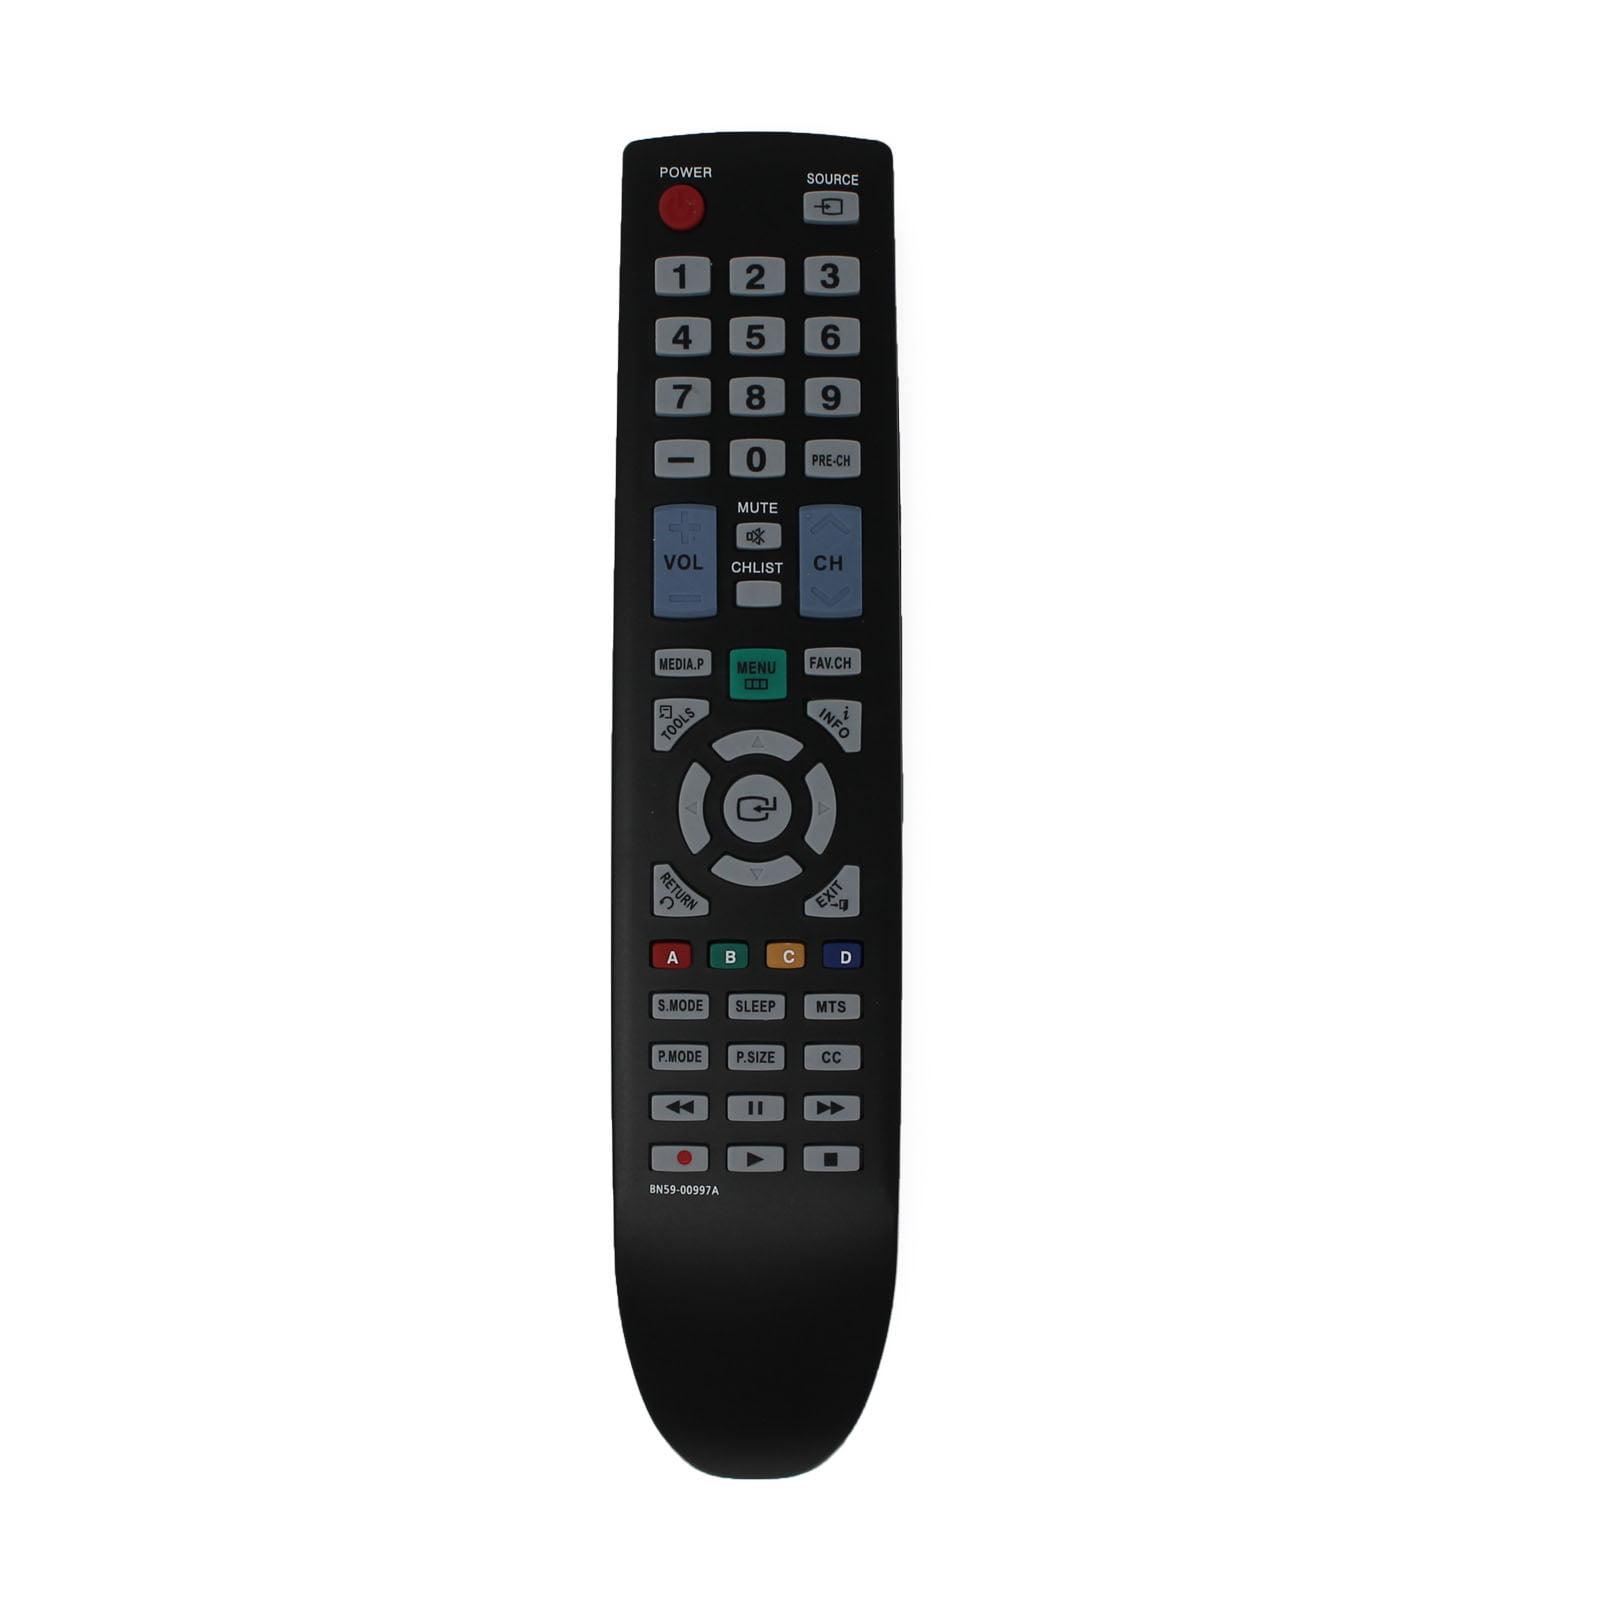 Replacement Samsung BN59-00997A TV Remote Control for Samsung LN32C459E1HXZA Television - image 3 de 3